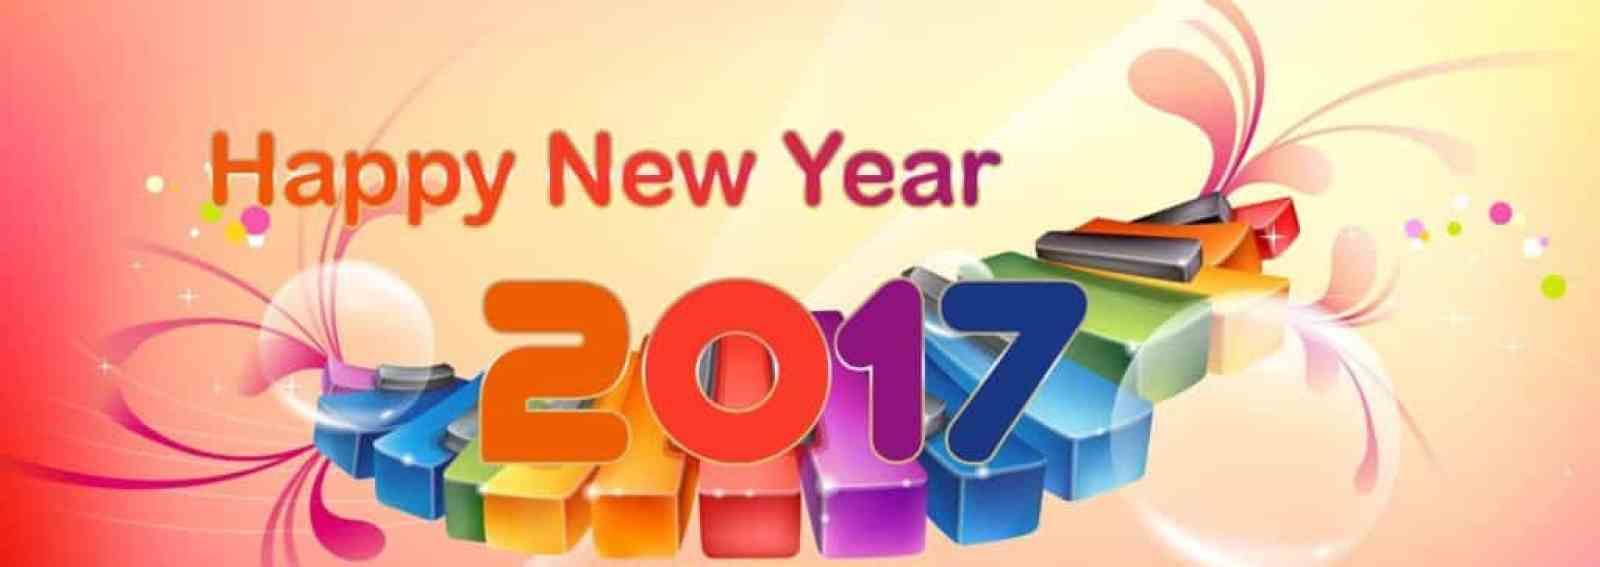 Happy New Year 2017 on piano keys